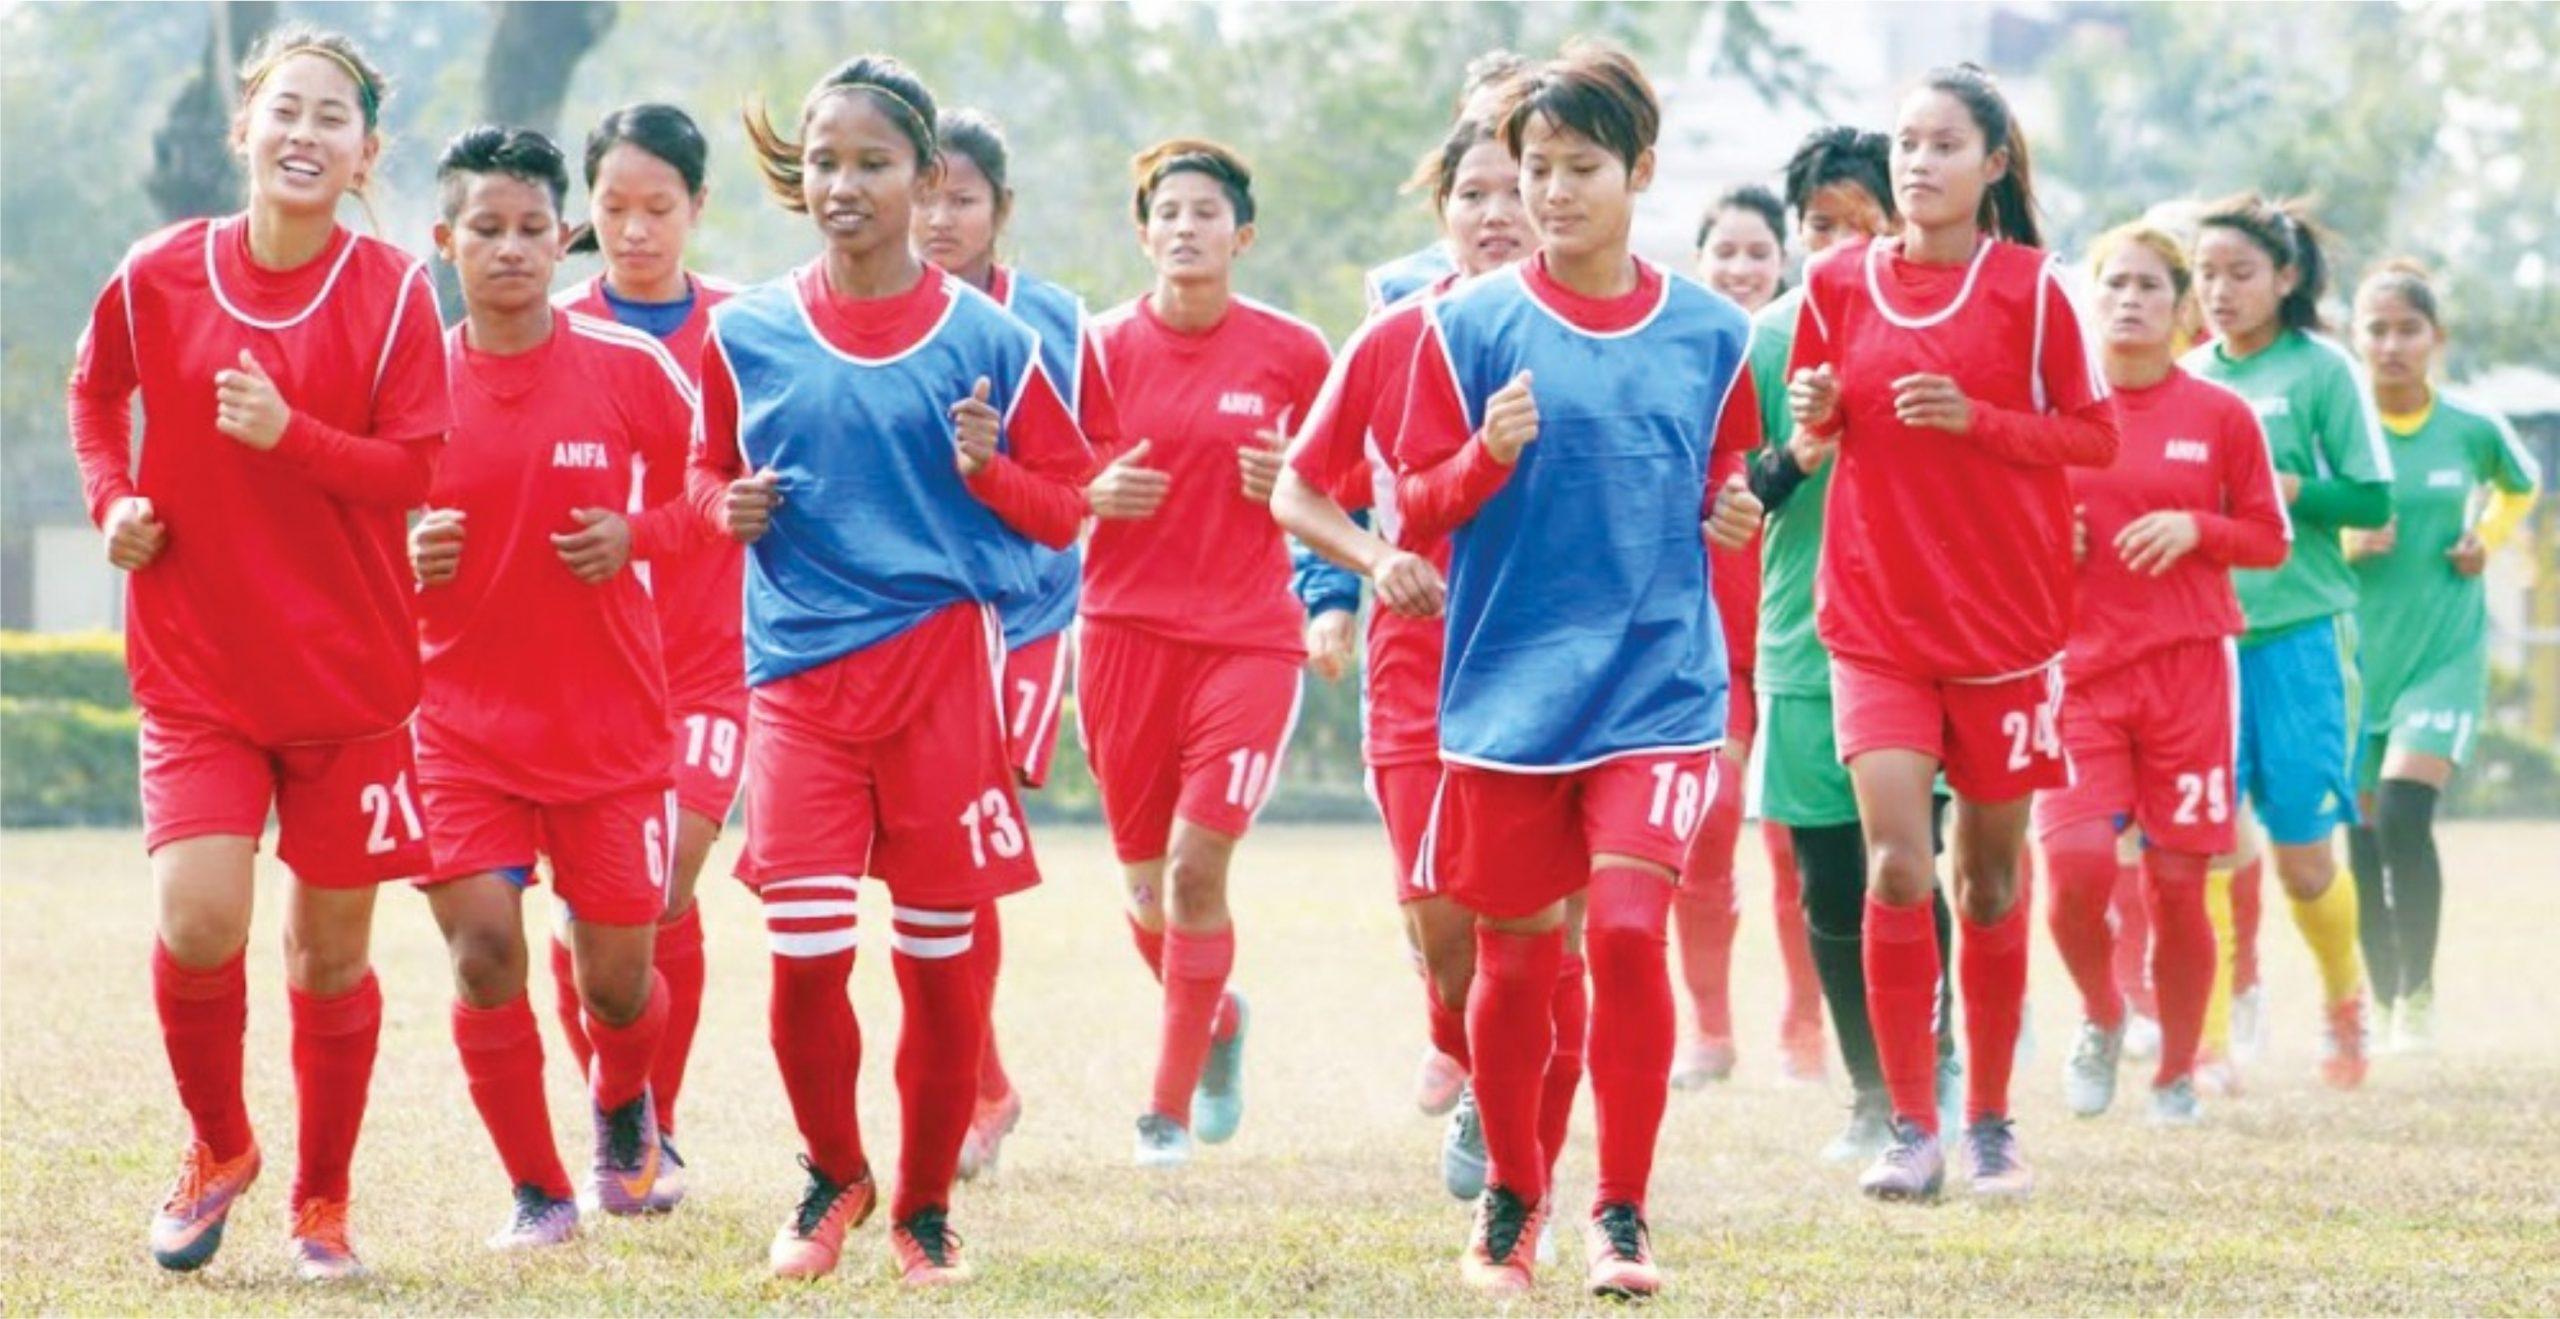 एएफसी महिला एसियन कप छनोटमा नेपालले फिलिपिन्सविरुद्ध खेल्दै